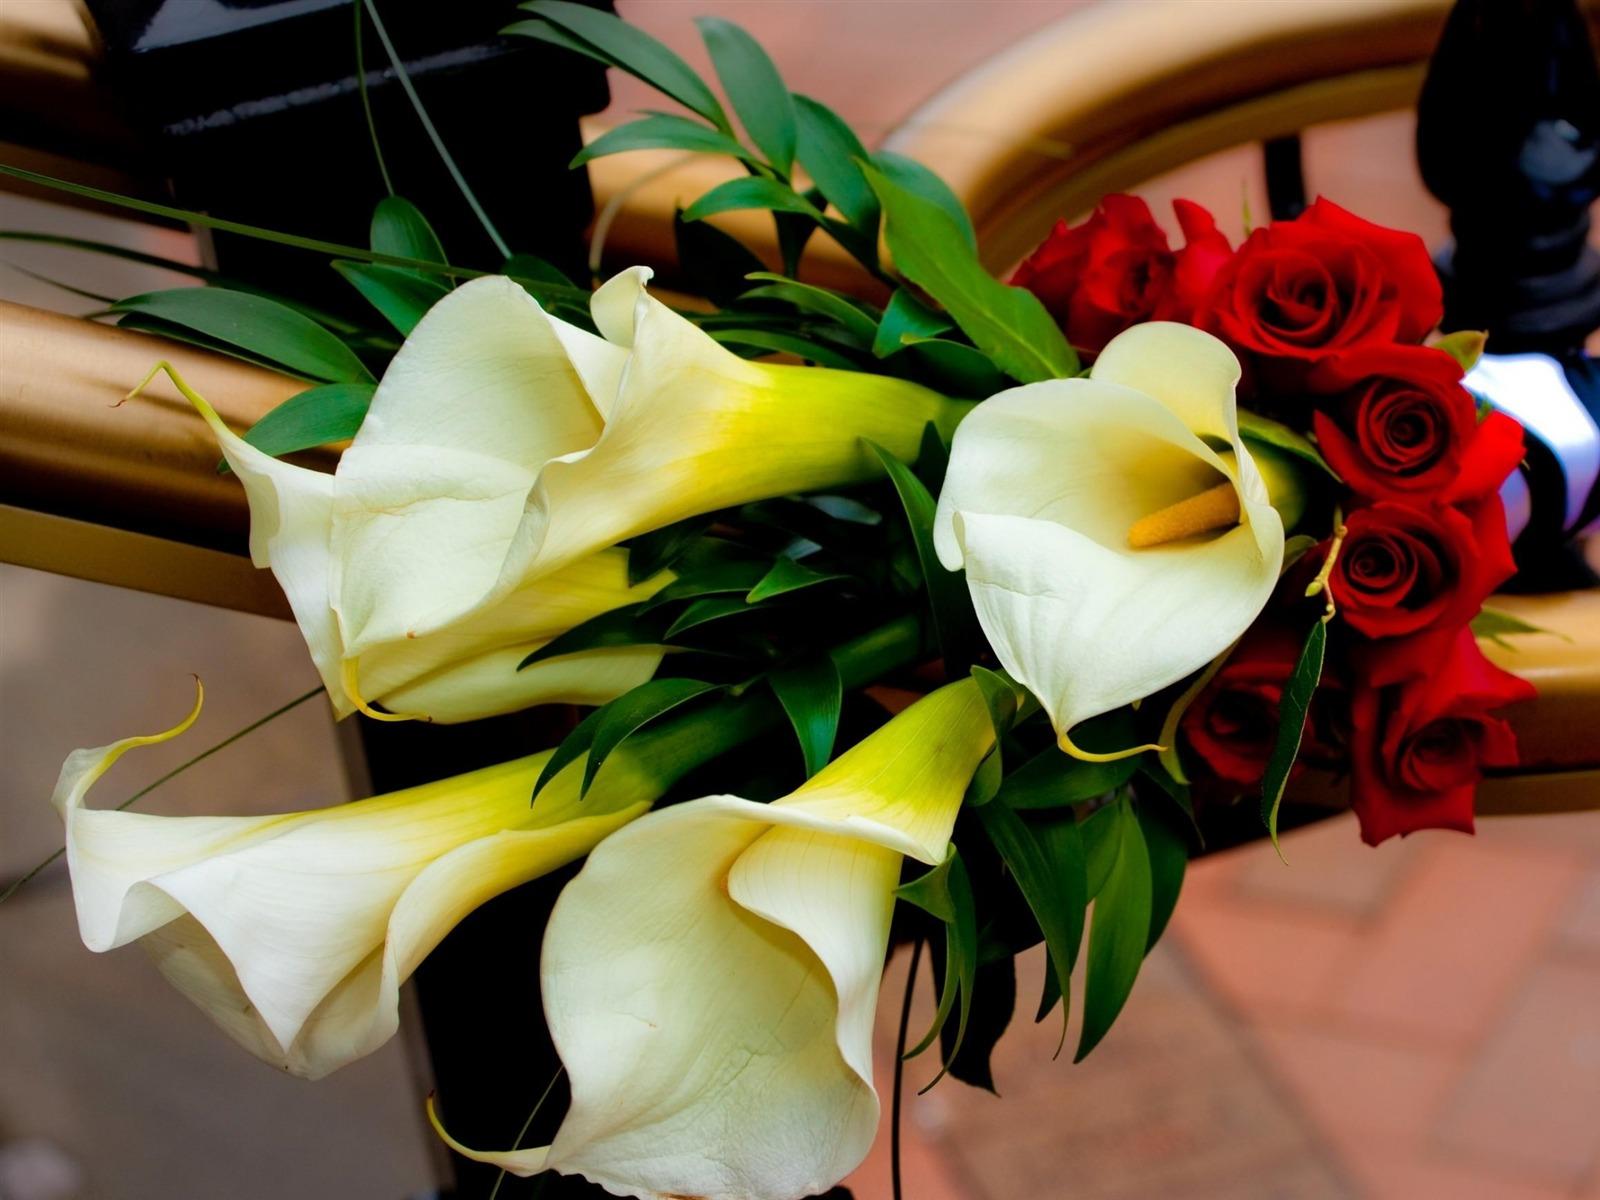 Дарят ли на юбилей мужчине цветы